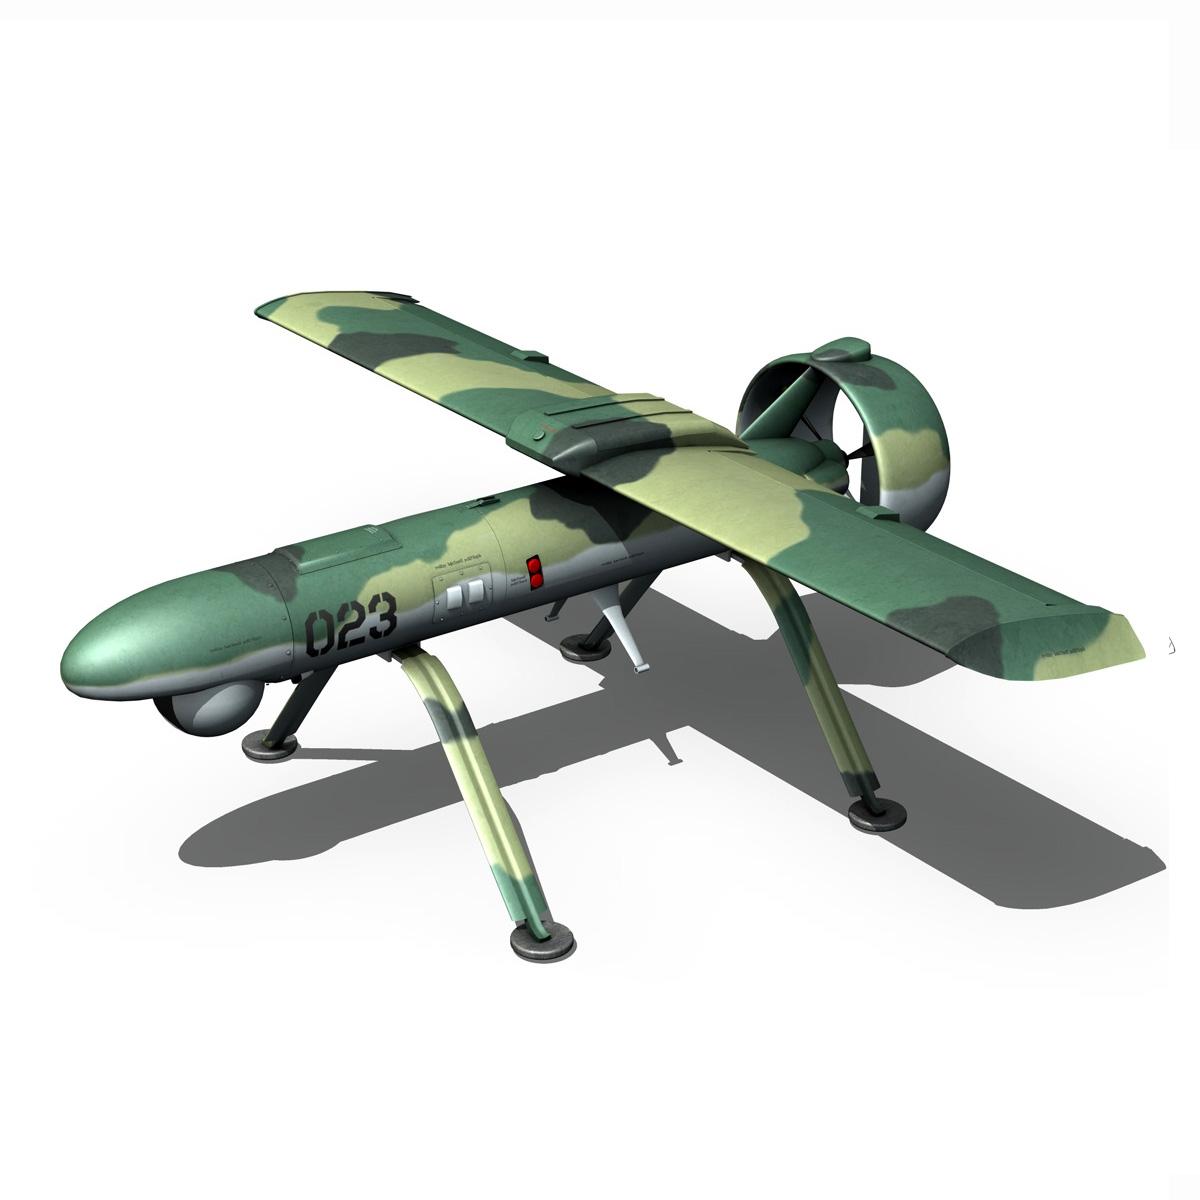 pchela 1t drone orosz uav 3d modell 3ds fbx c4d lwo obj 188466